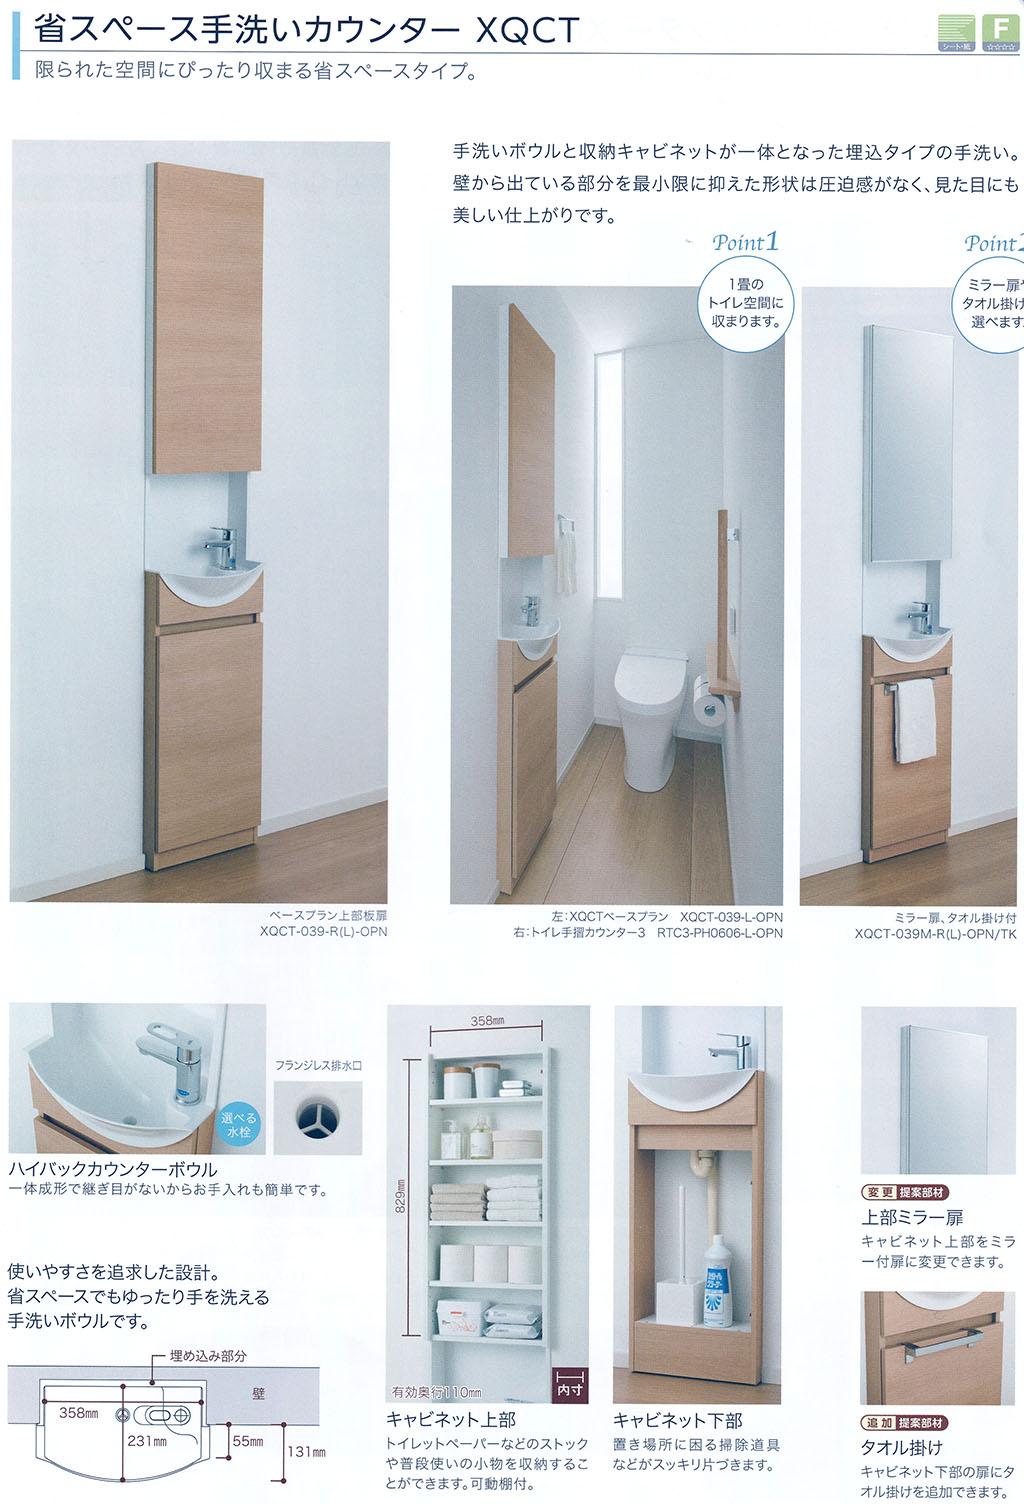 標準の手洗い器